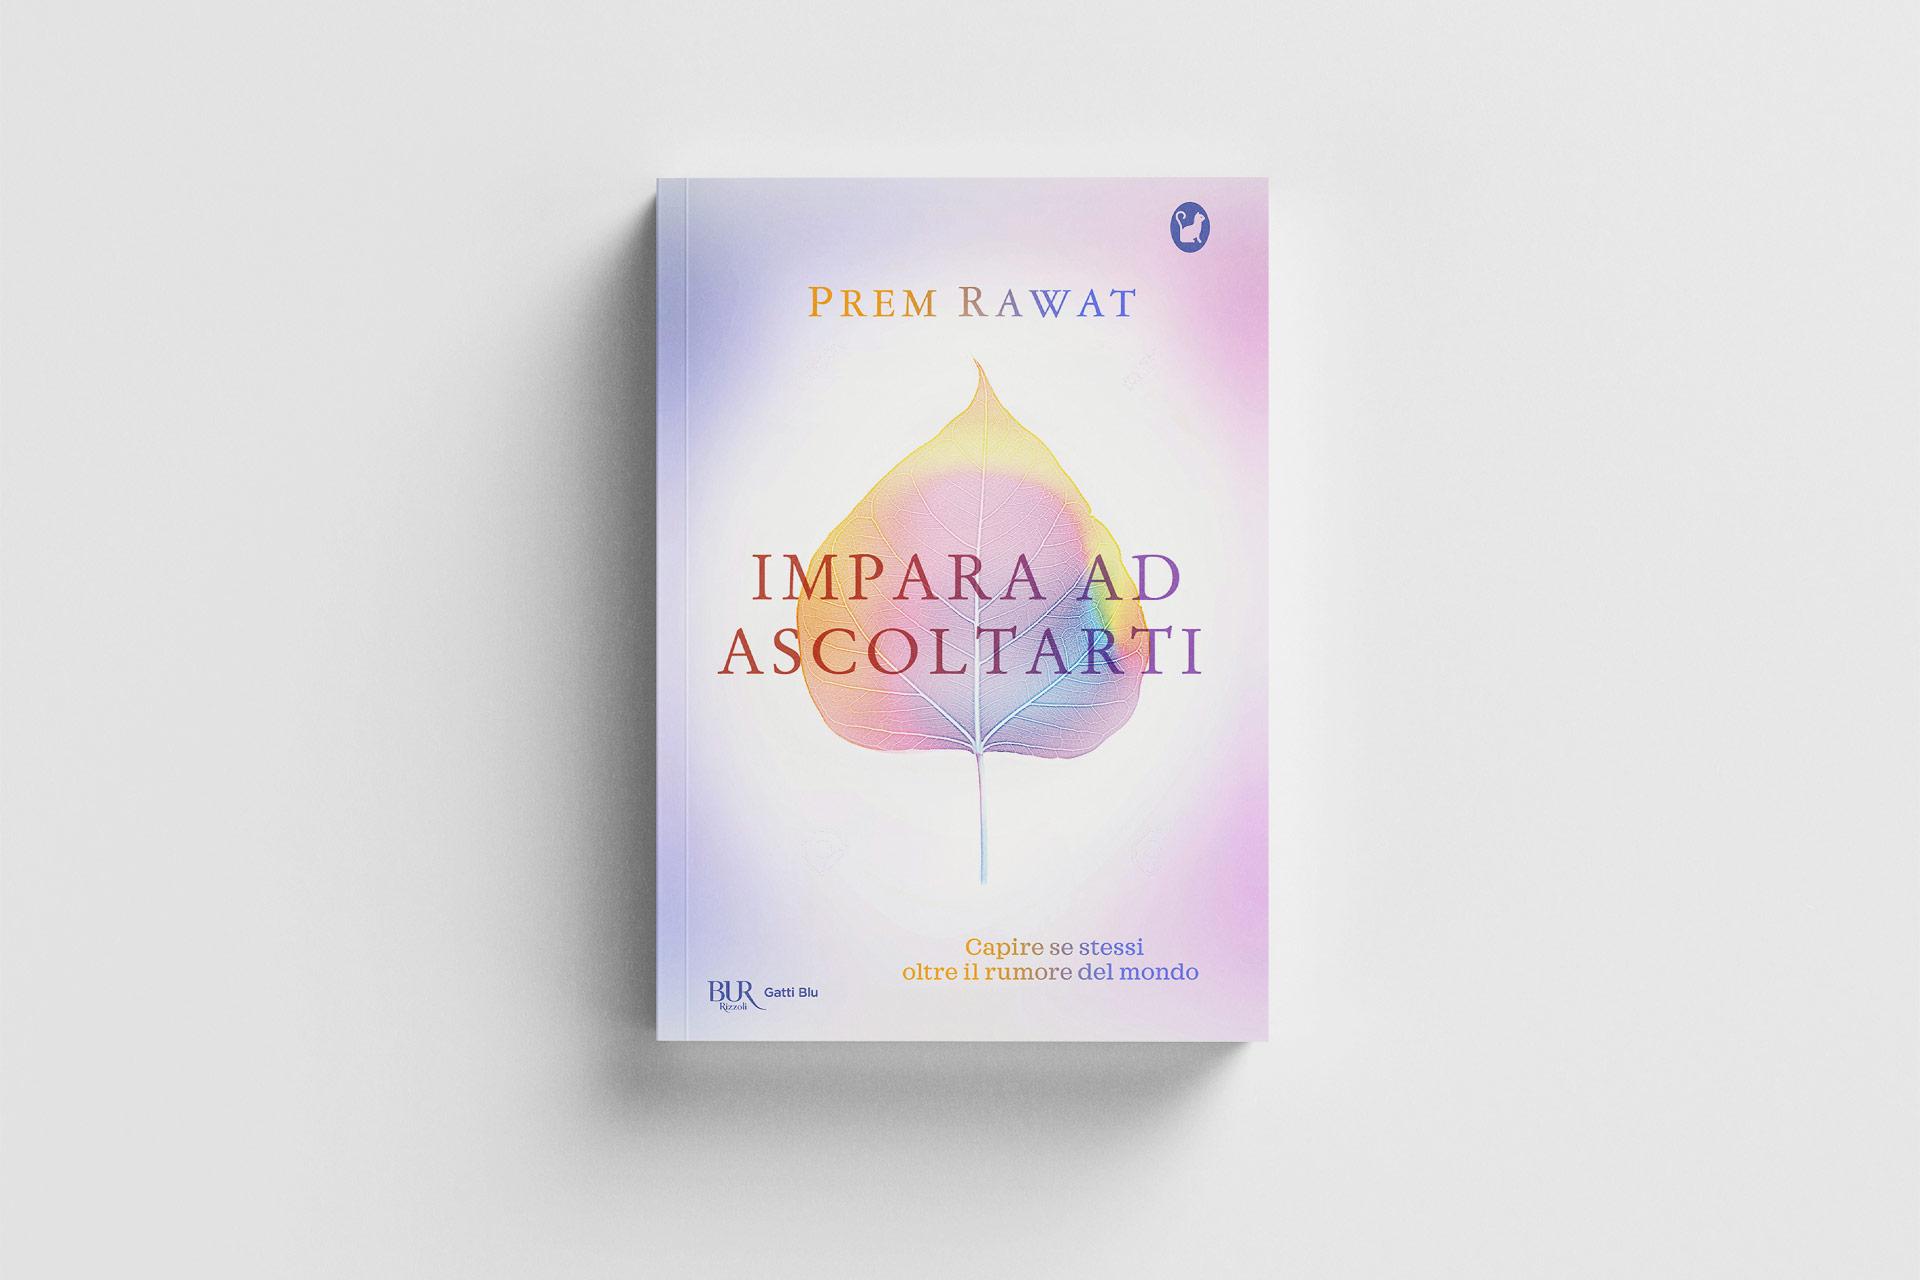 Impara ad ascoltarti di Prem Rawat